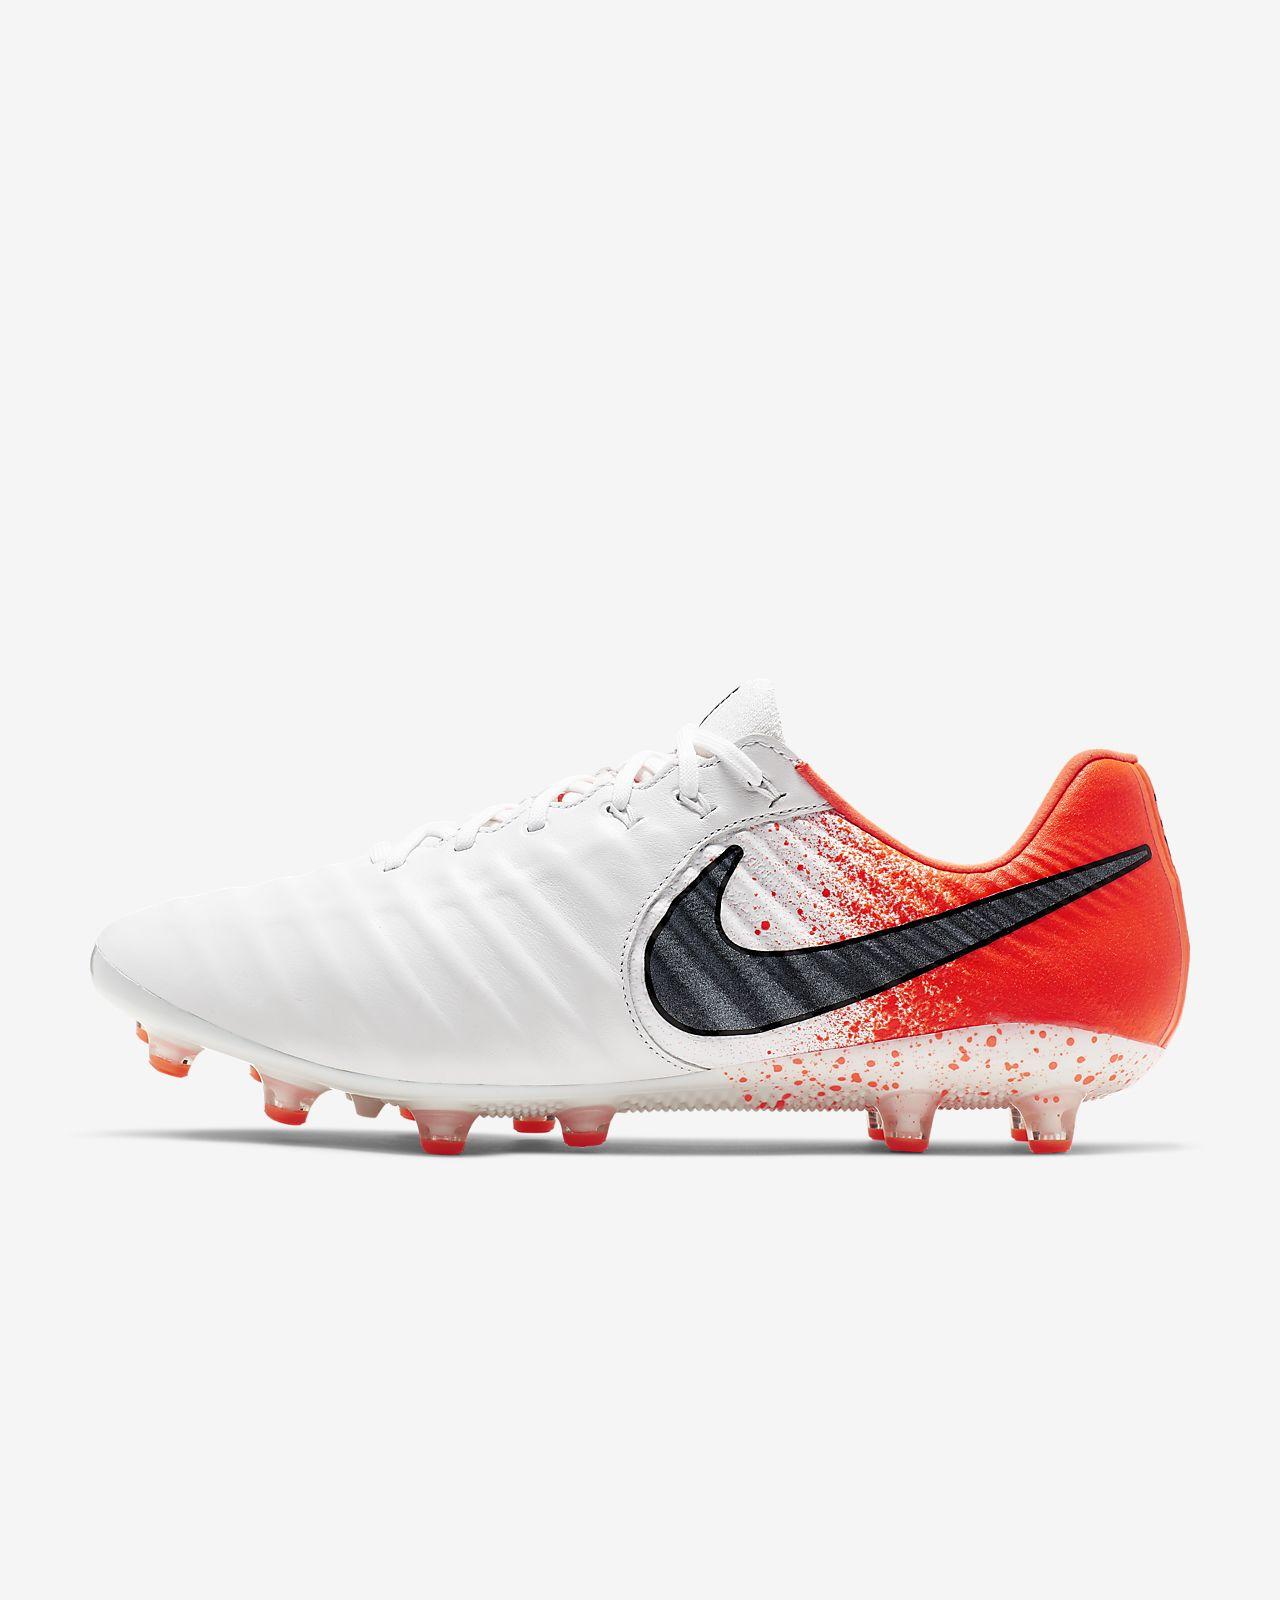 online store ce81a 33f17 Nike Legend VII Elite AG-PRO Fußballschuh für Kunstrasen. Nike.com LU